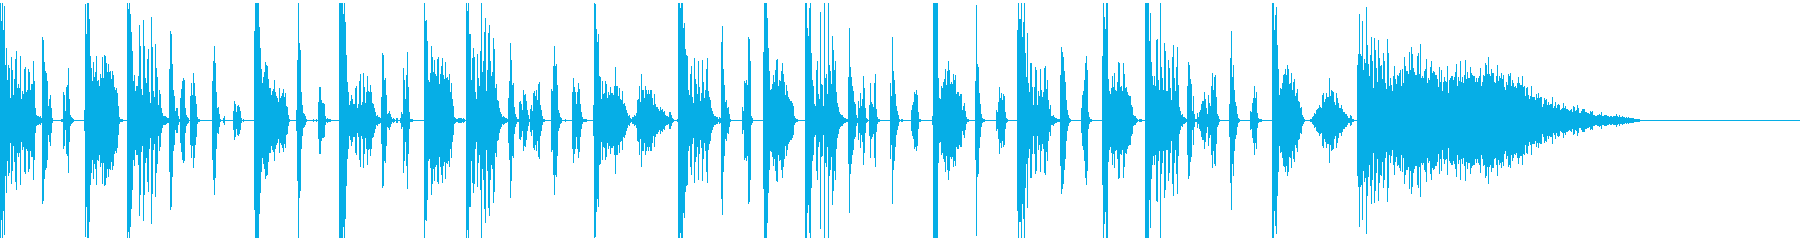 ヒューマンビートボックスのジングルの再生済みの波形